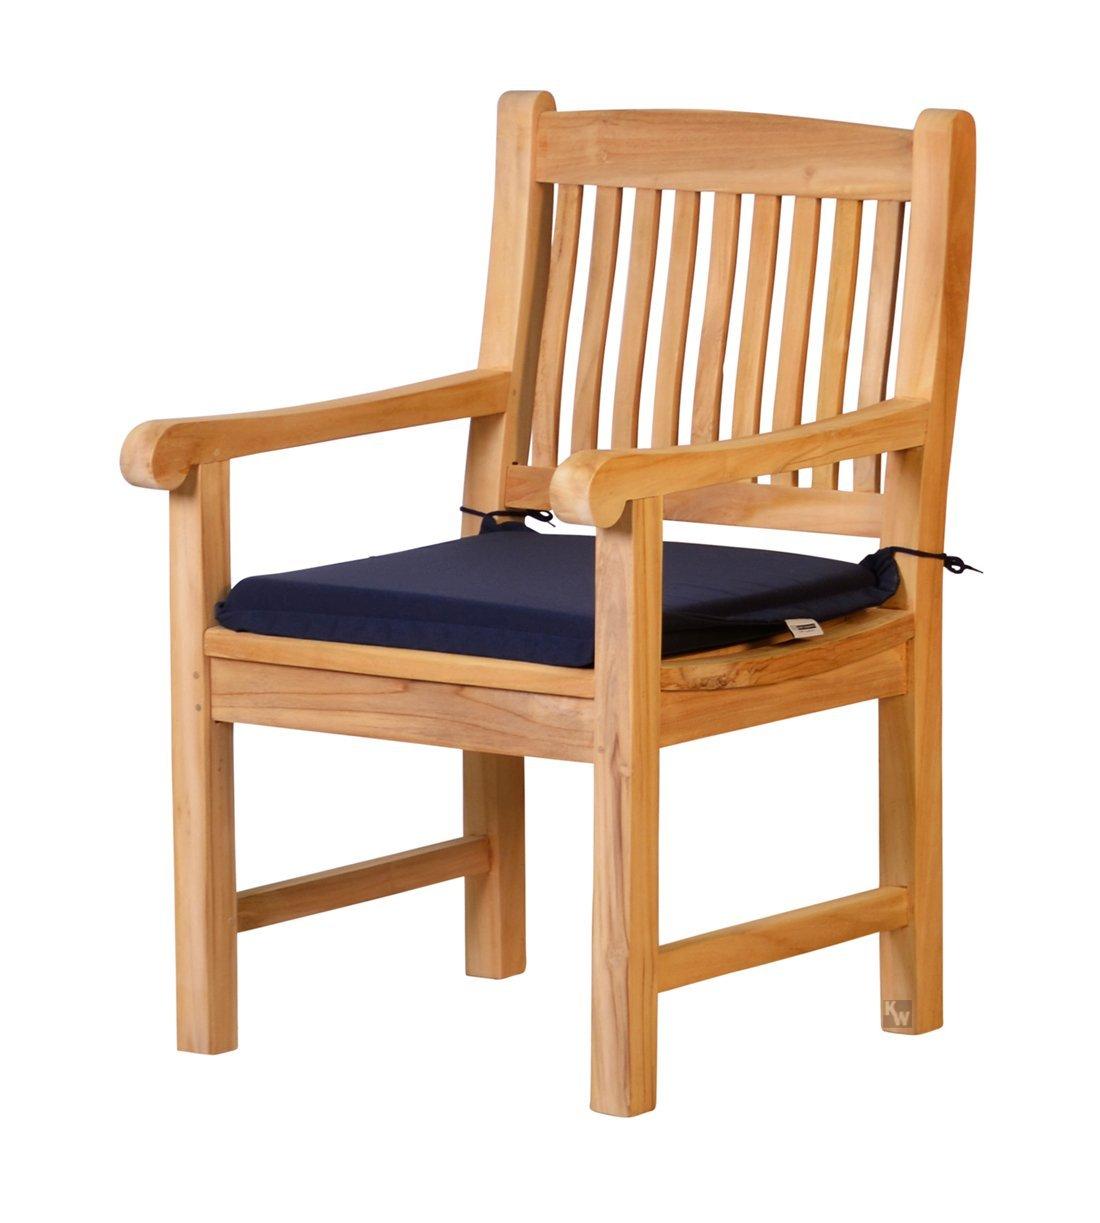 4 x stuhlauflage aus lichtechtem dralon 50 x 45cm dunkelblau waschbar hoher sitzkomfort ko. Black Bedroom Furniture Sets. Home Design Ideas